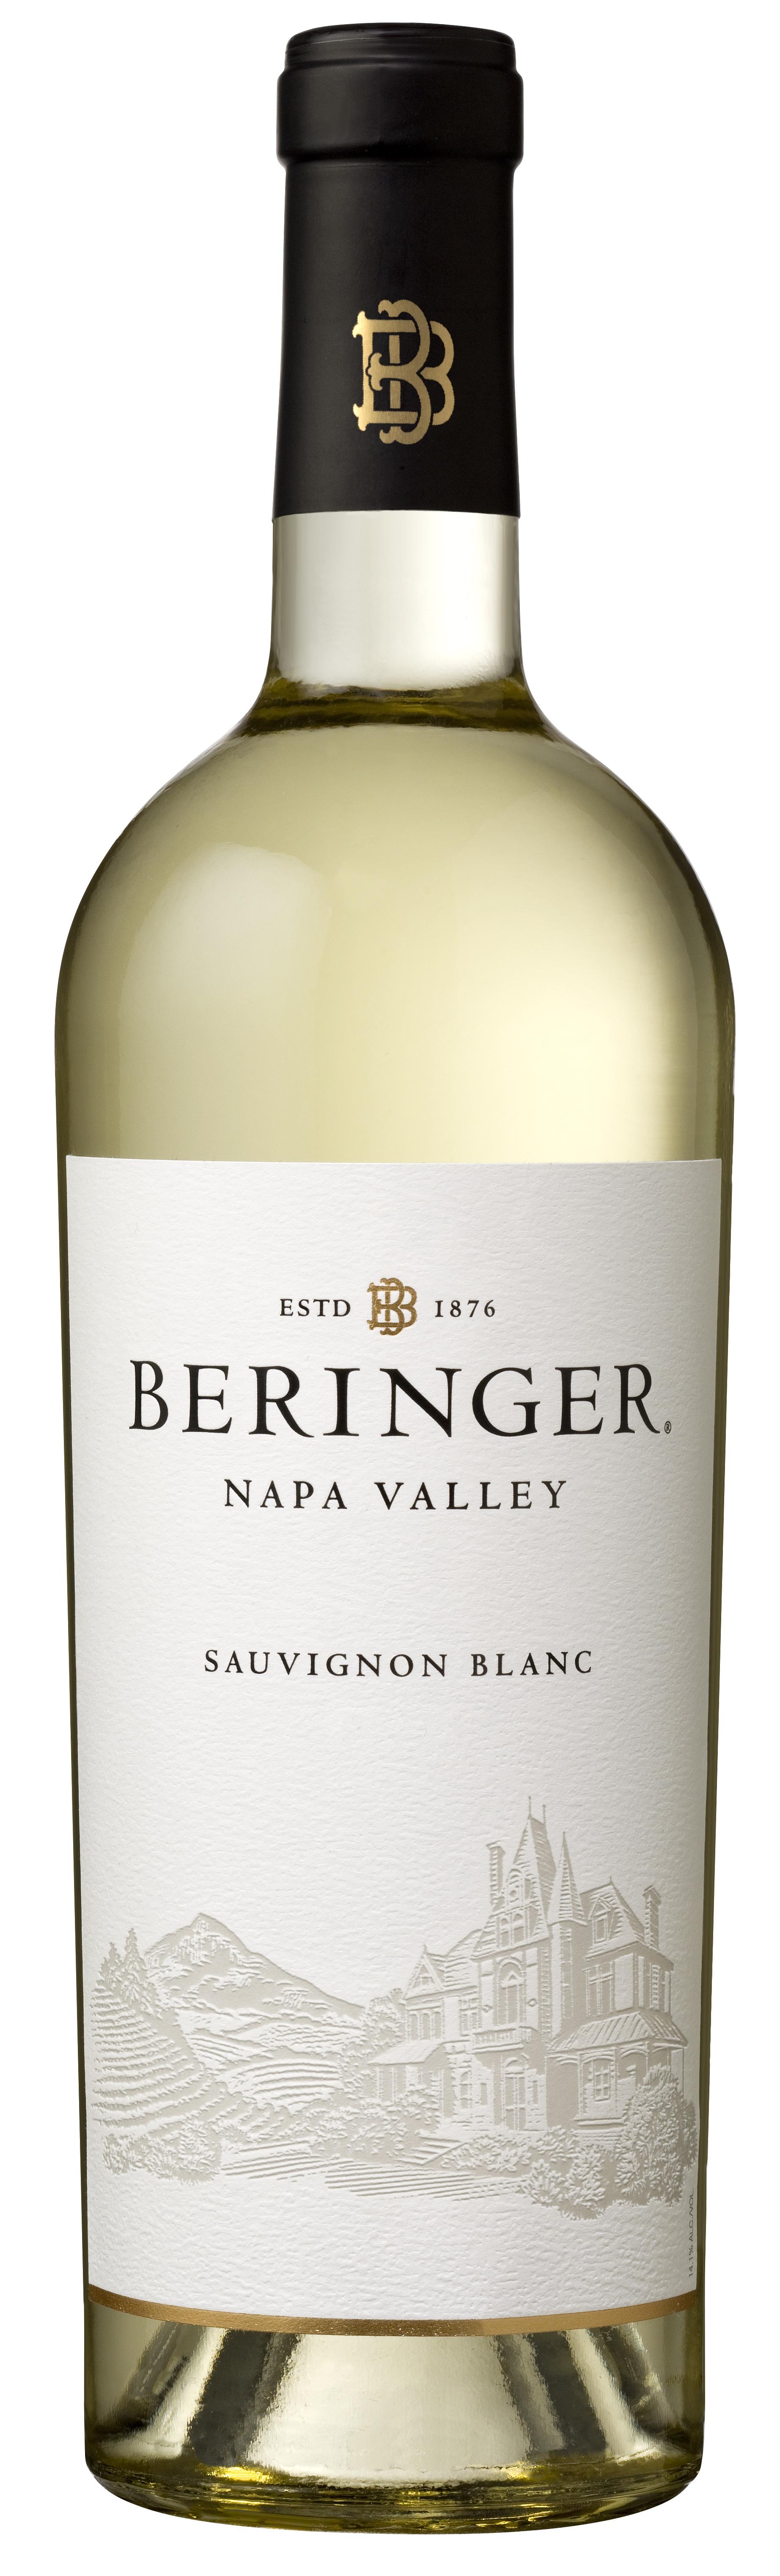 Beringer Napa Valley, Sauvignon Blanc